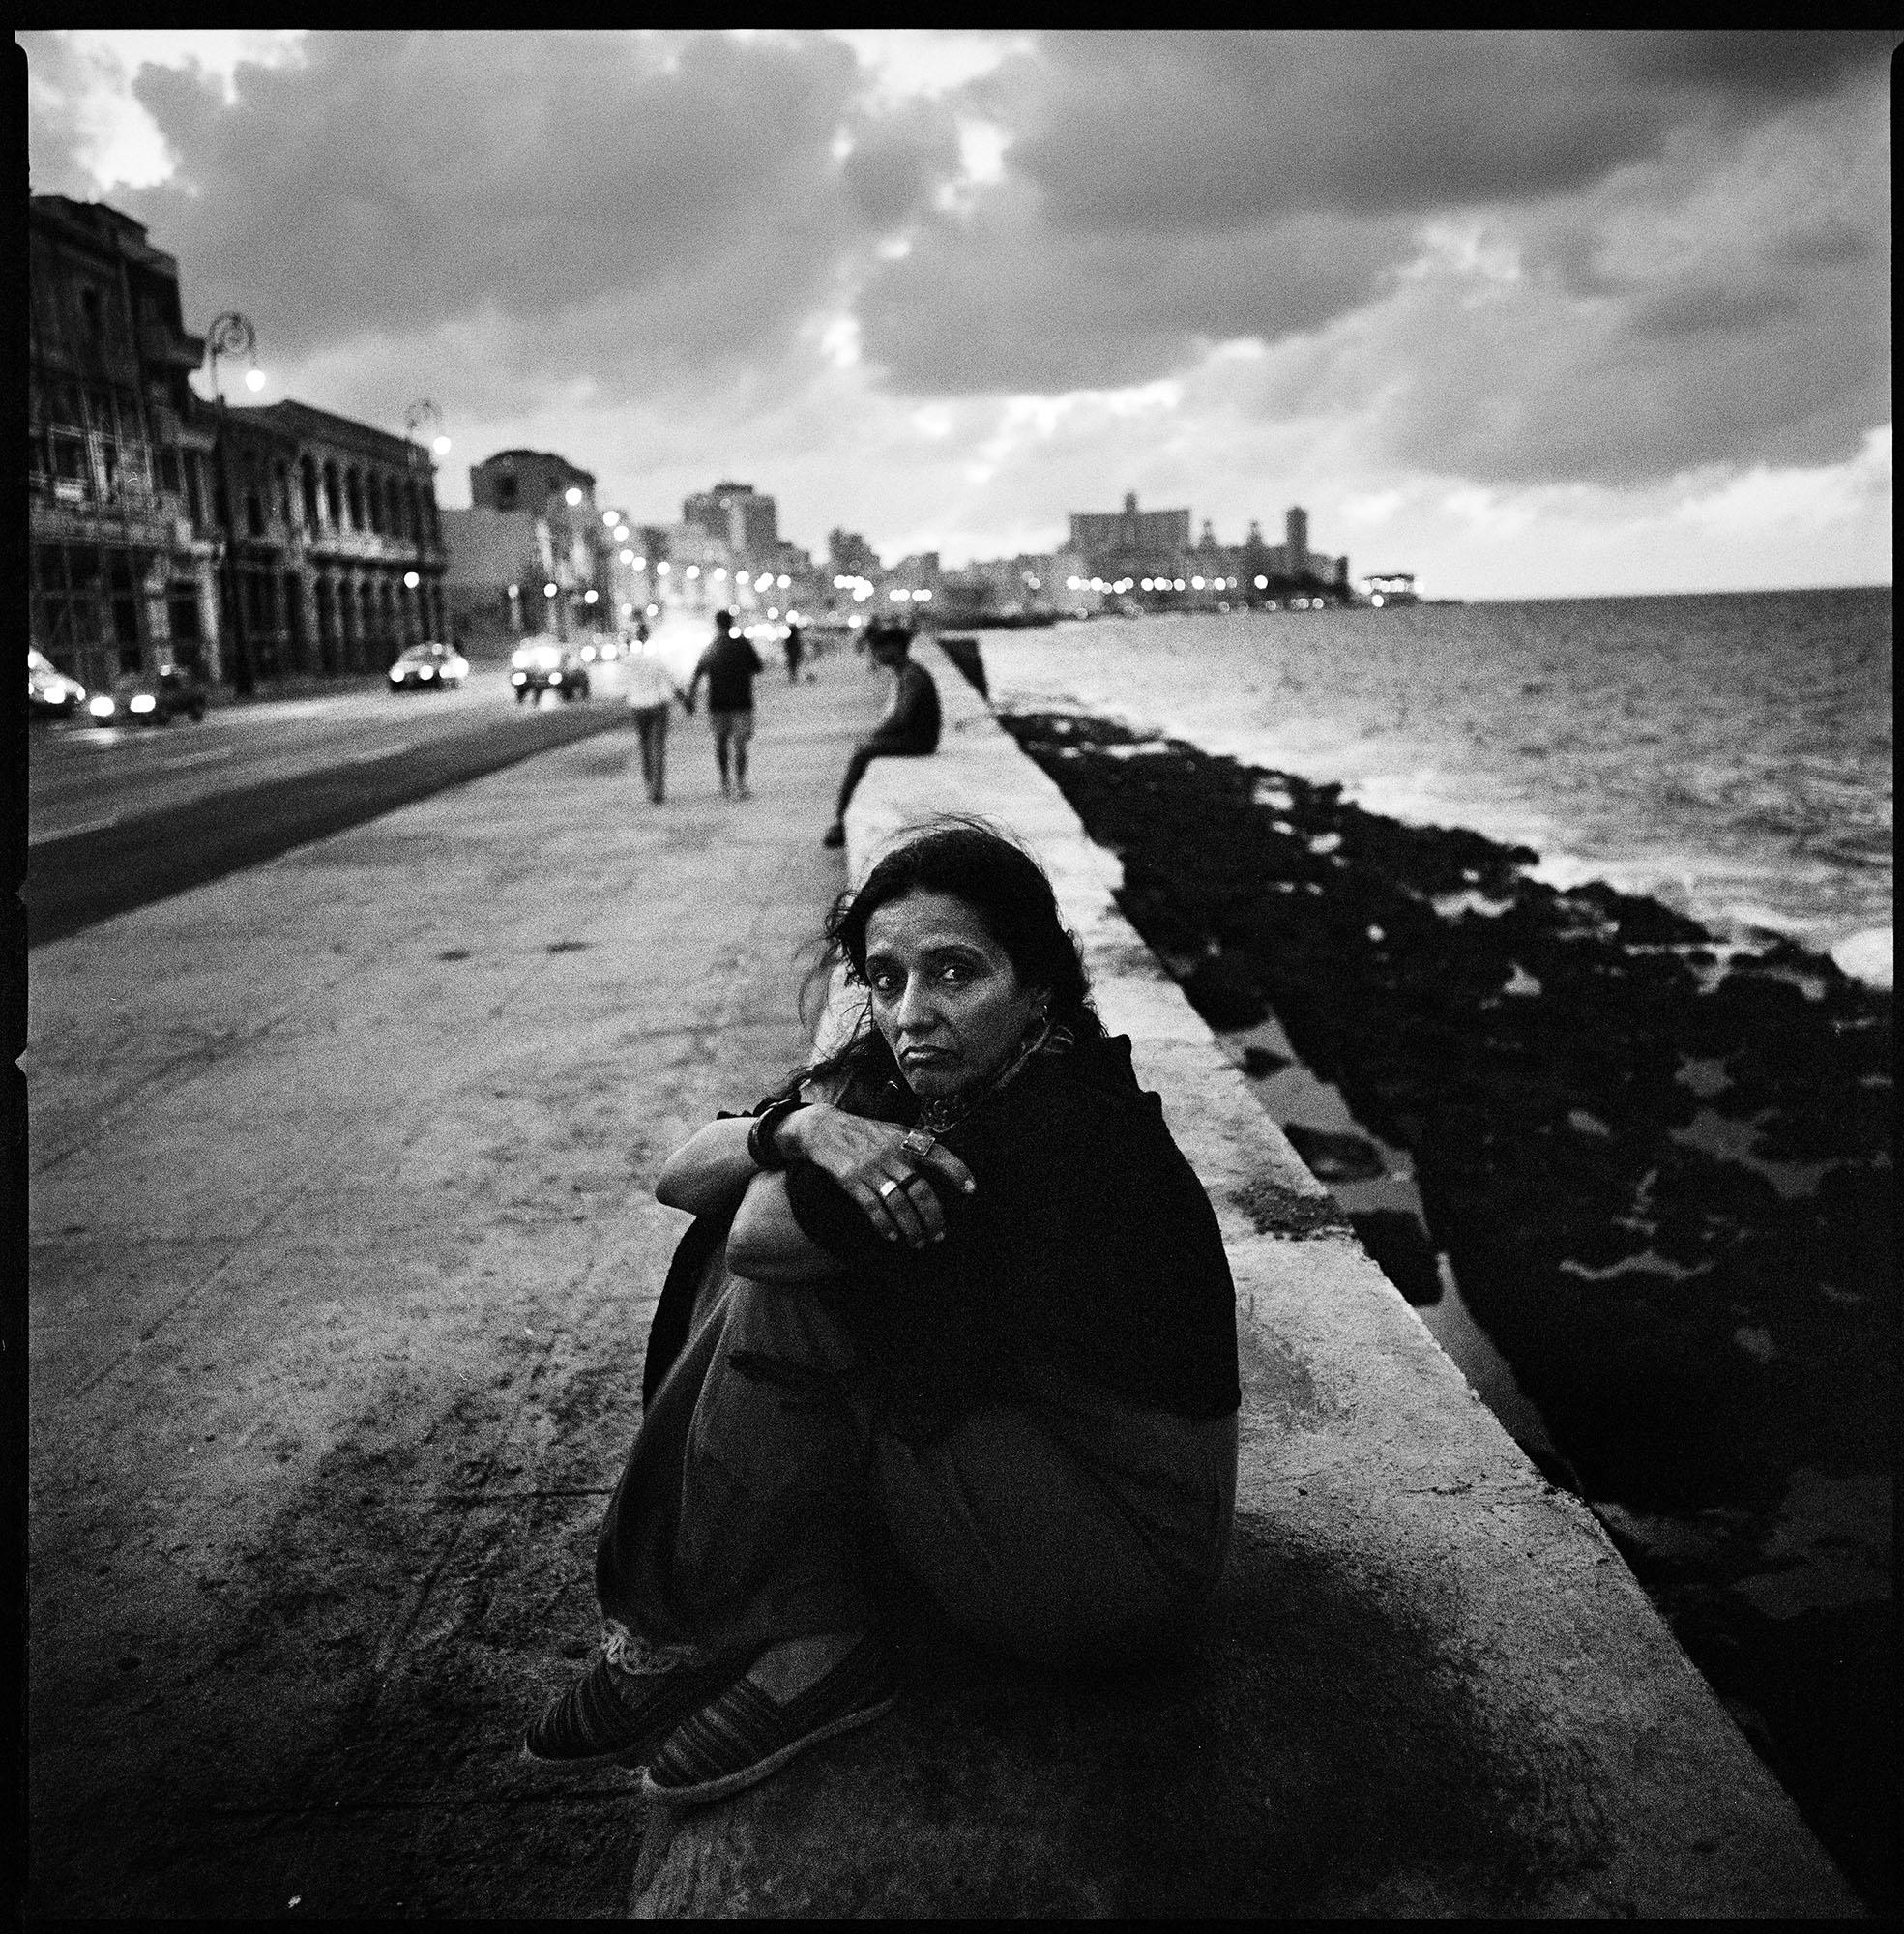 María Santucho, hija del militante argentino Oscar Santucho, desaparecido en 1976, es retratada en el Malecón de La Habana, Cuba. María fue arrestada y forzada al exilio en 1976. Desde entonces, vive en La Habana.  Fotografía tomada en diciembre de 2006.